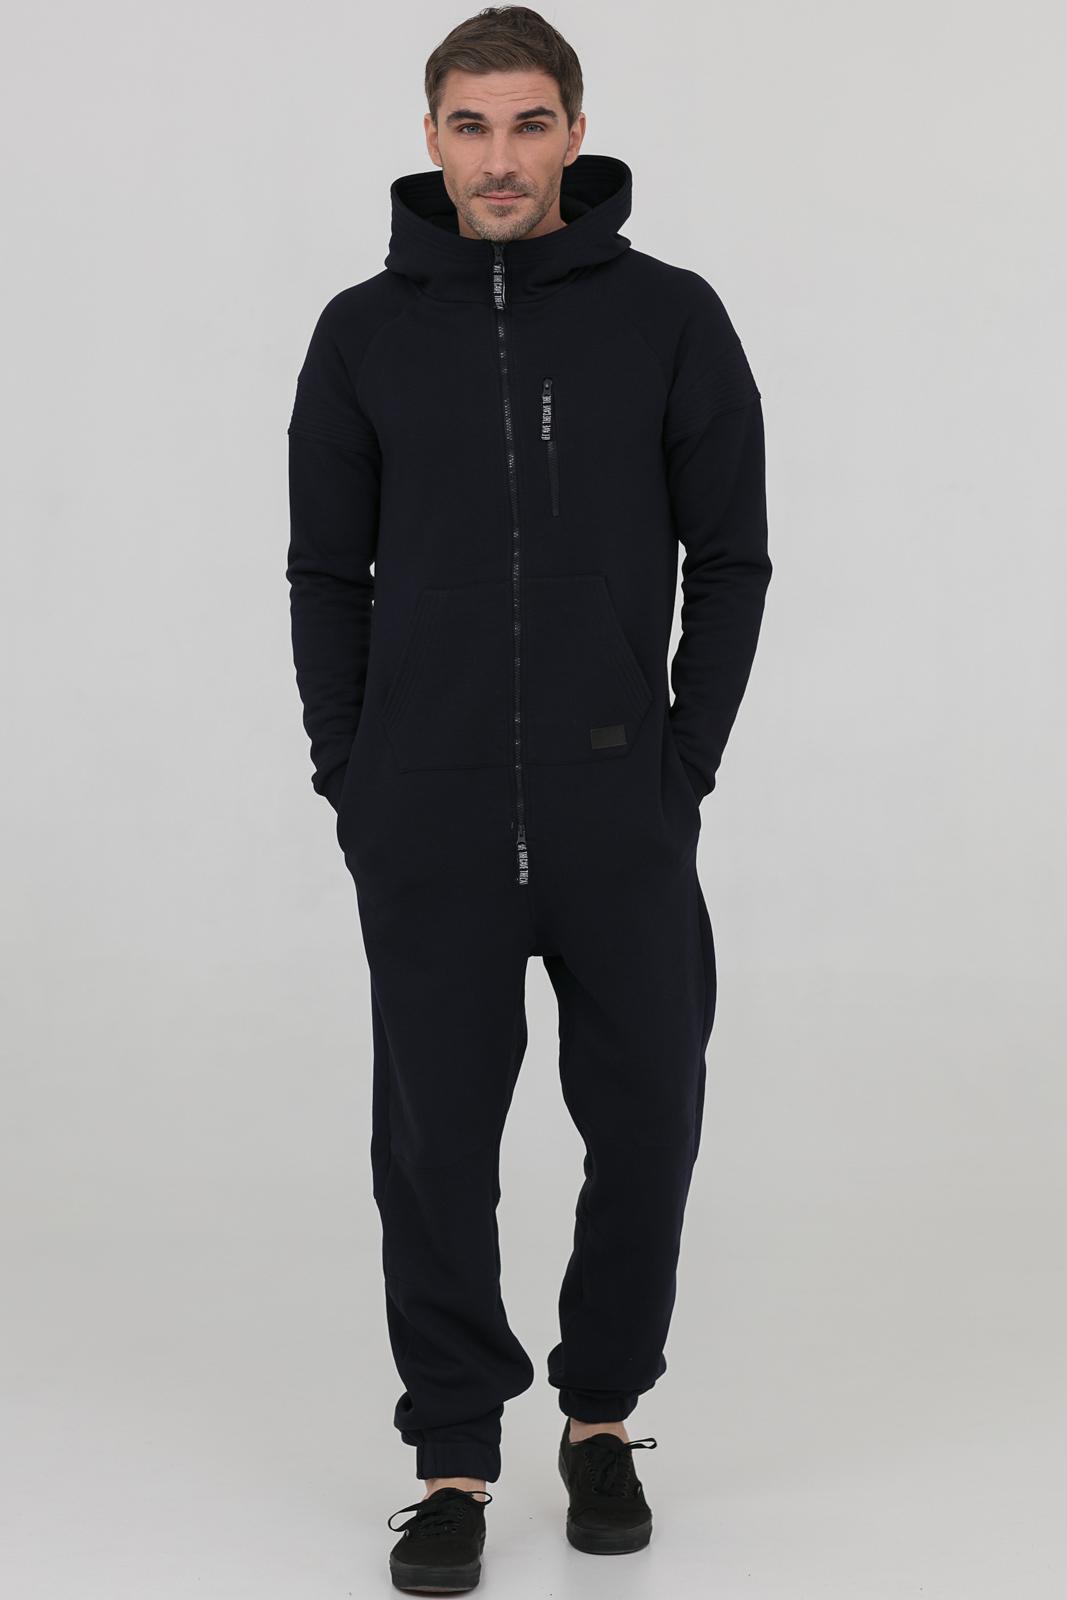 Купить Комбинезон темно-синий мужской из текстиля, МОСМЕХА, 6600389